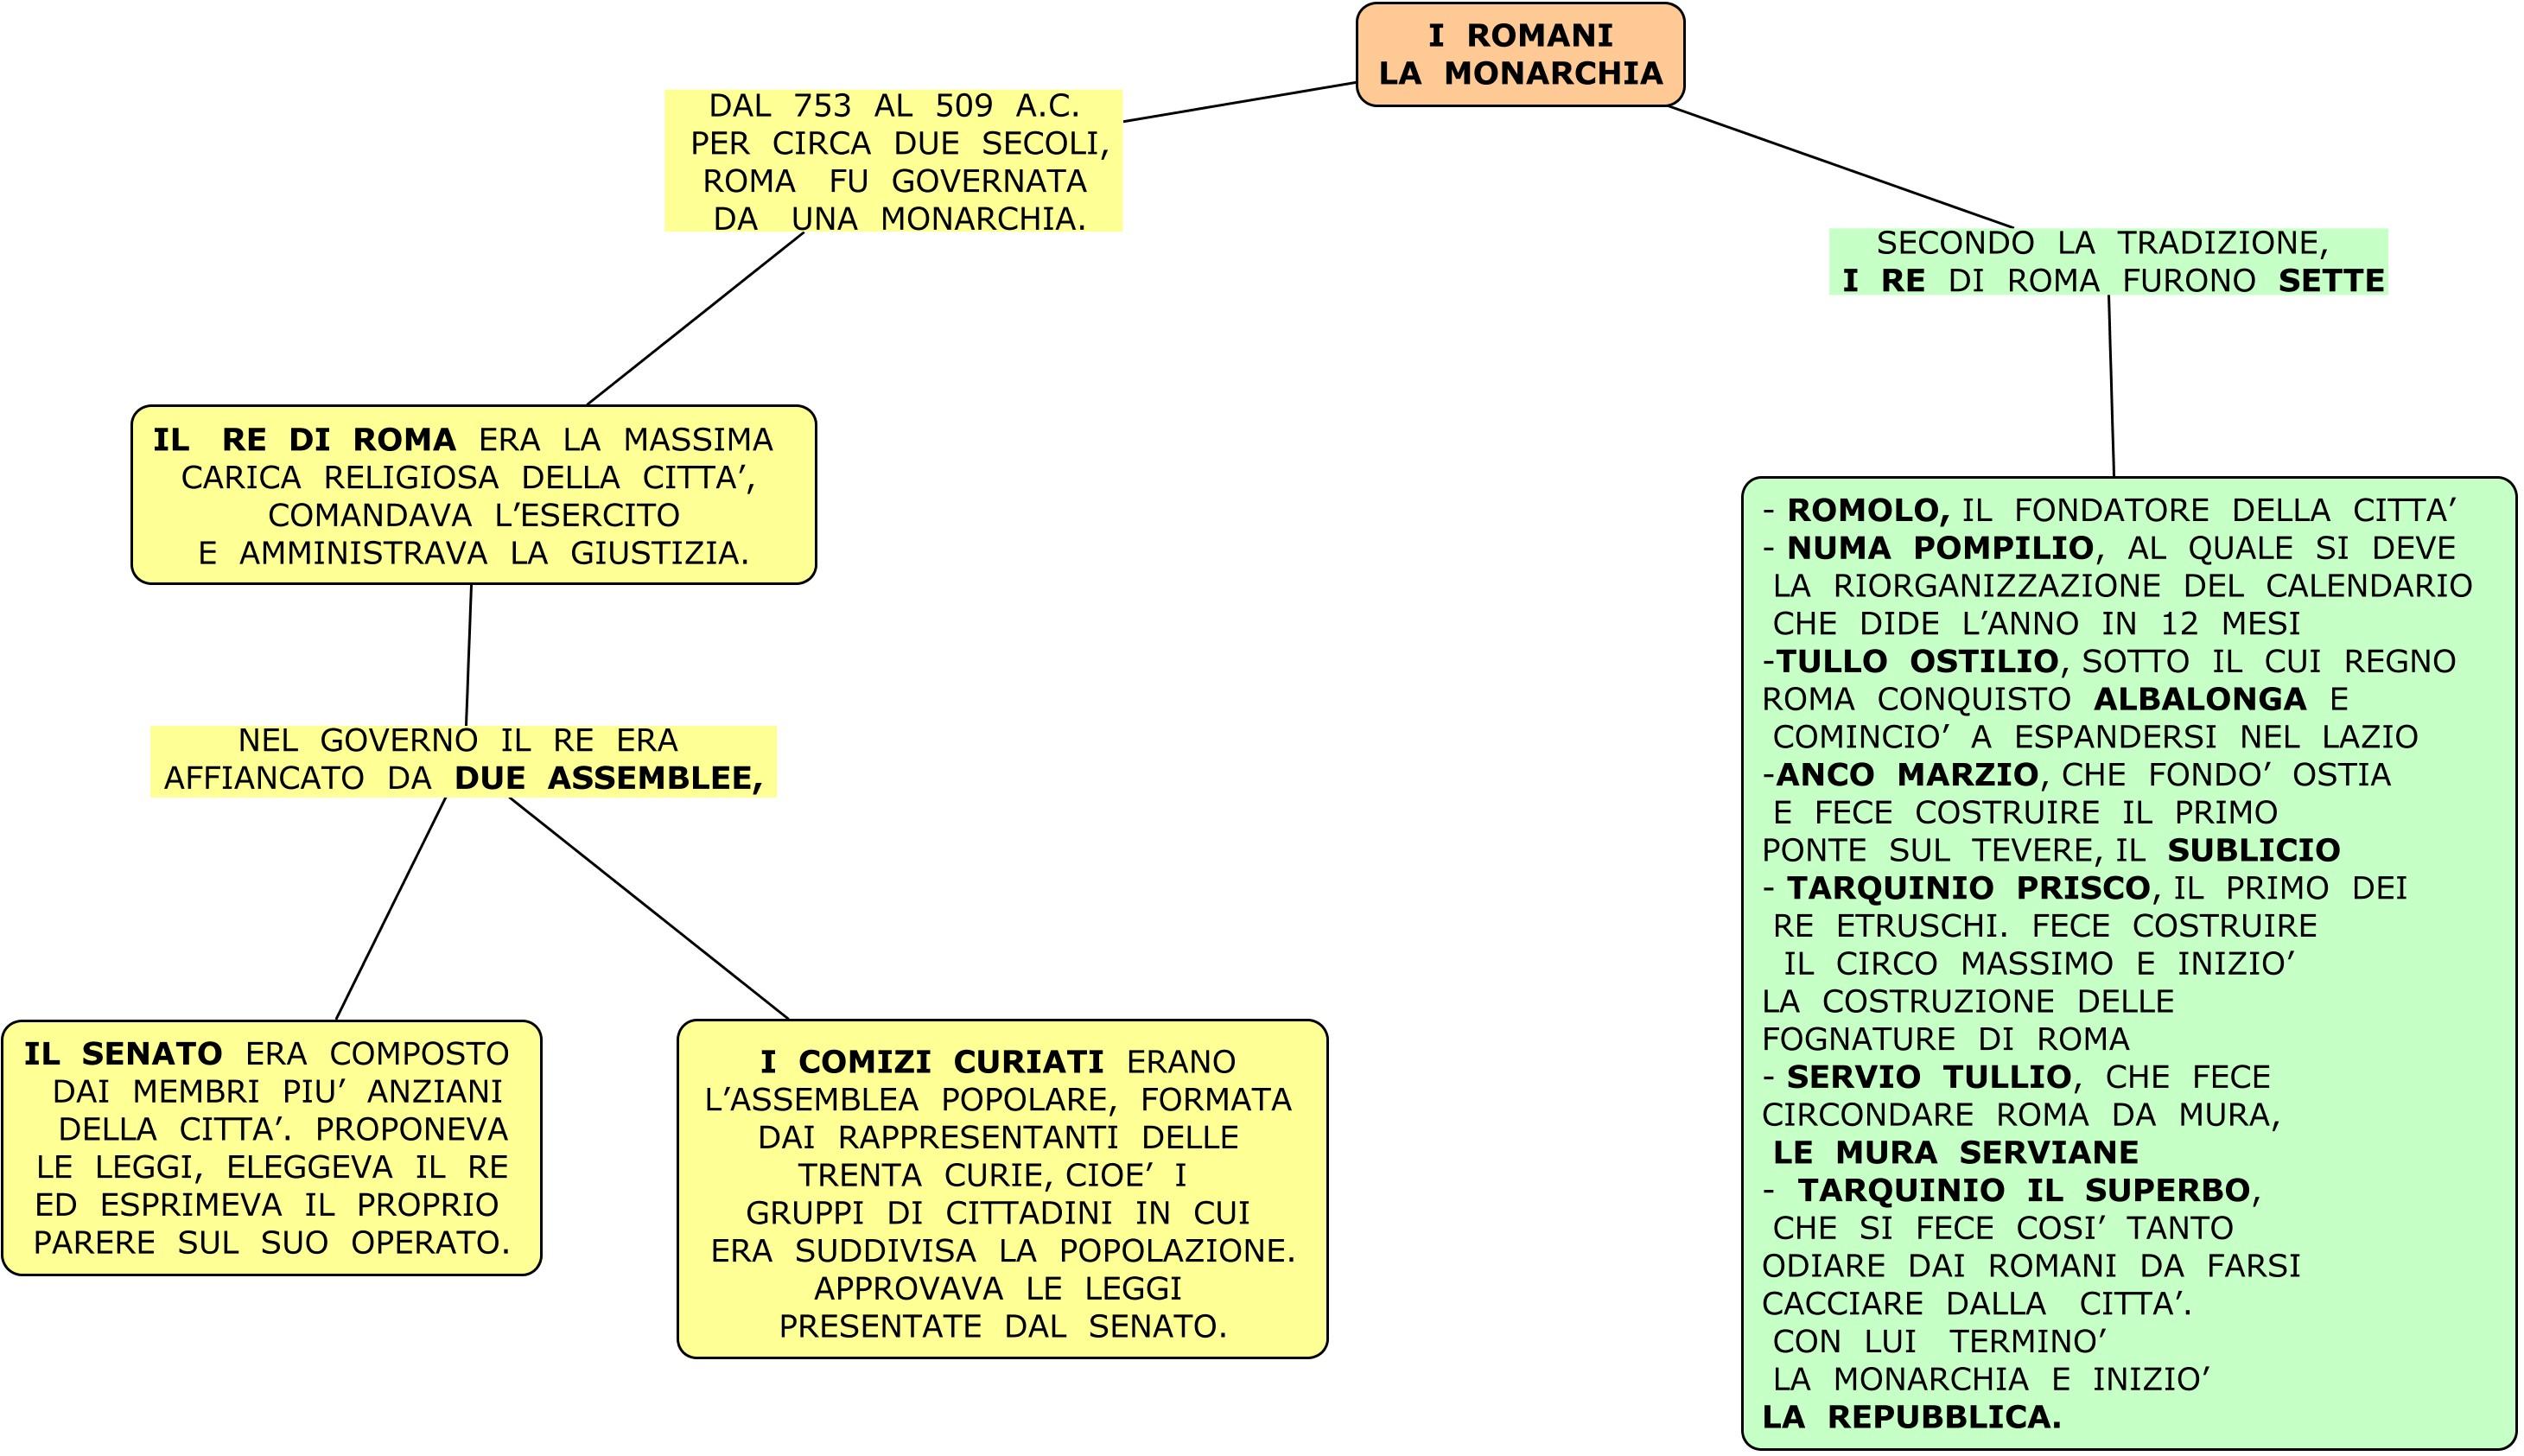 LA MONARCHIA I ROMANI 2